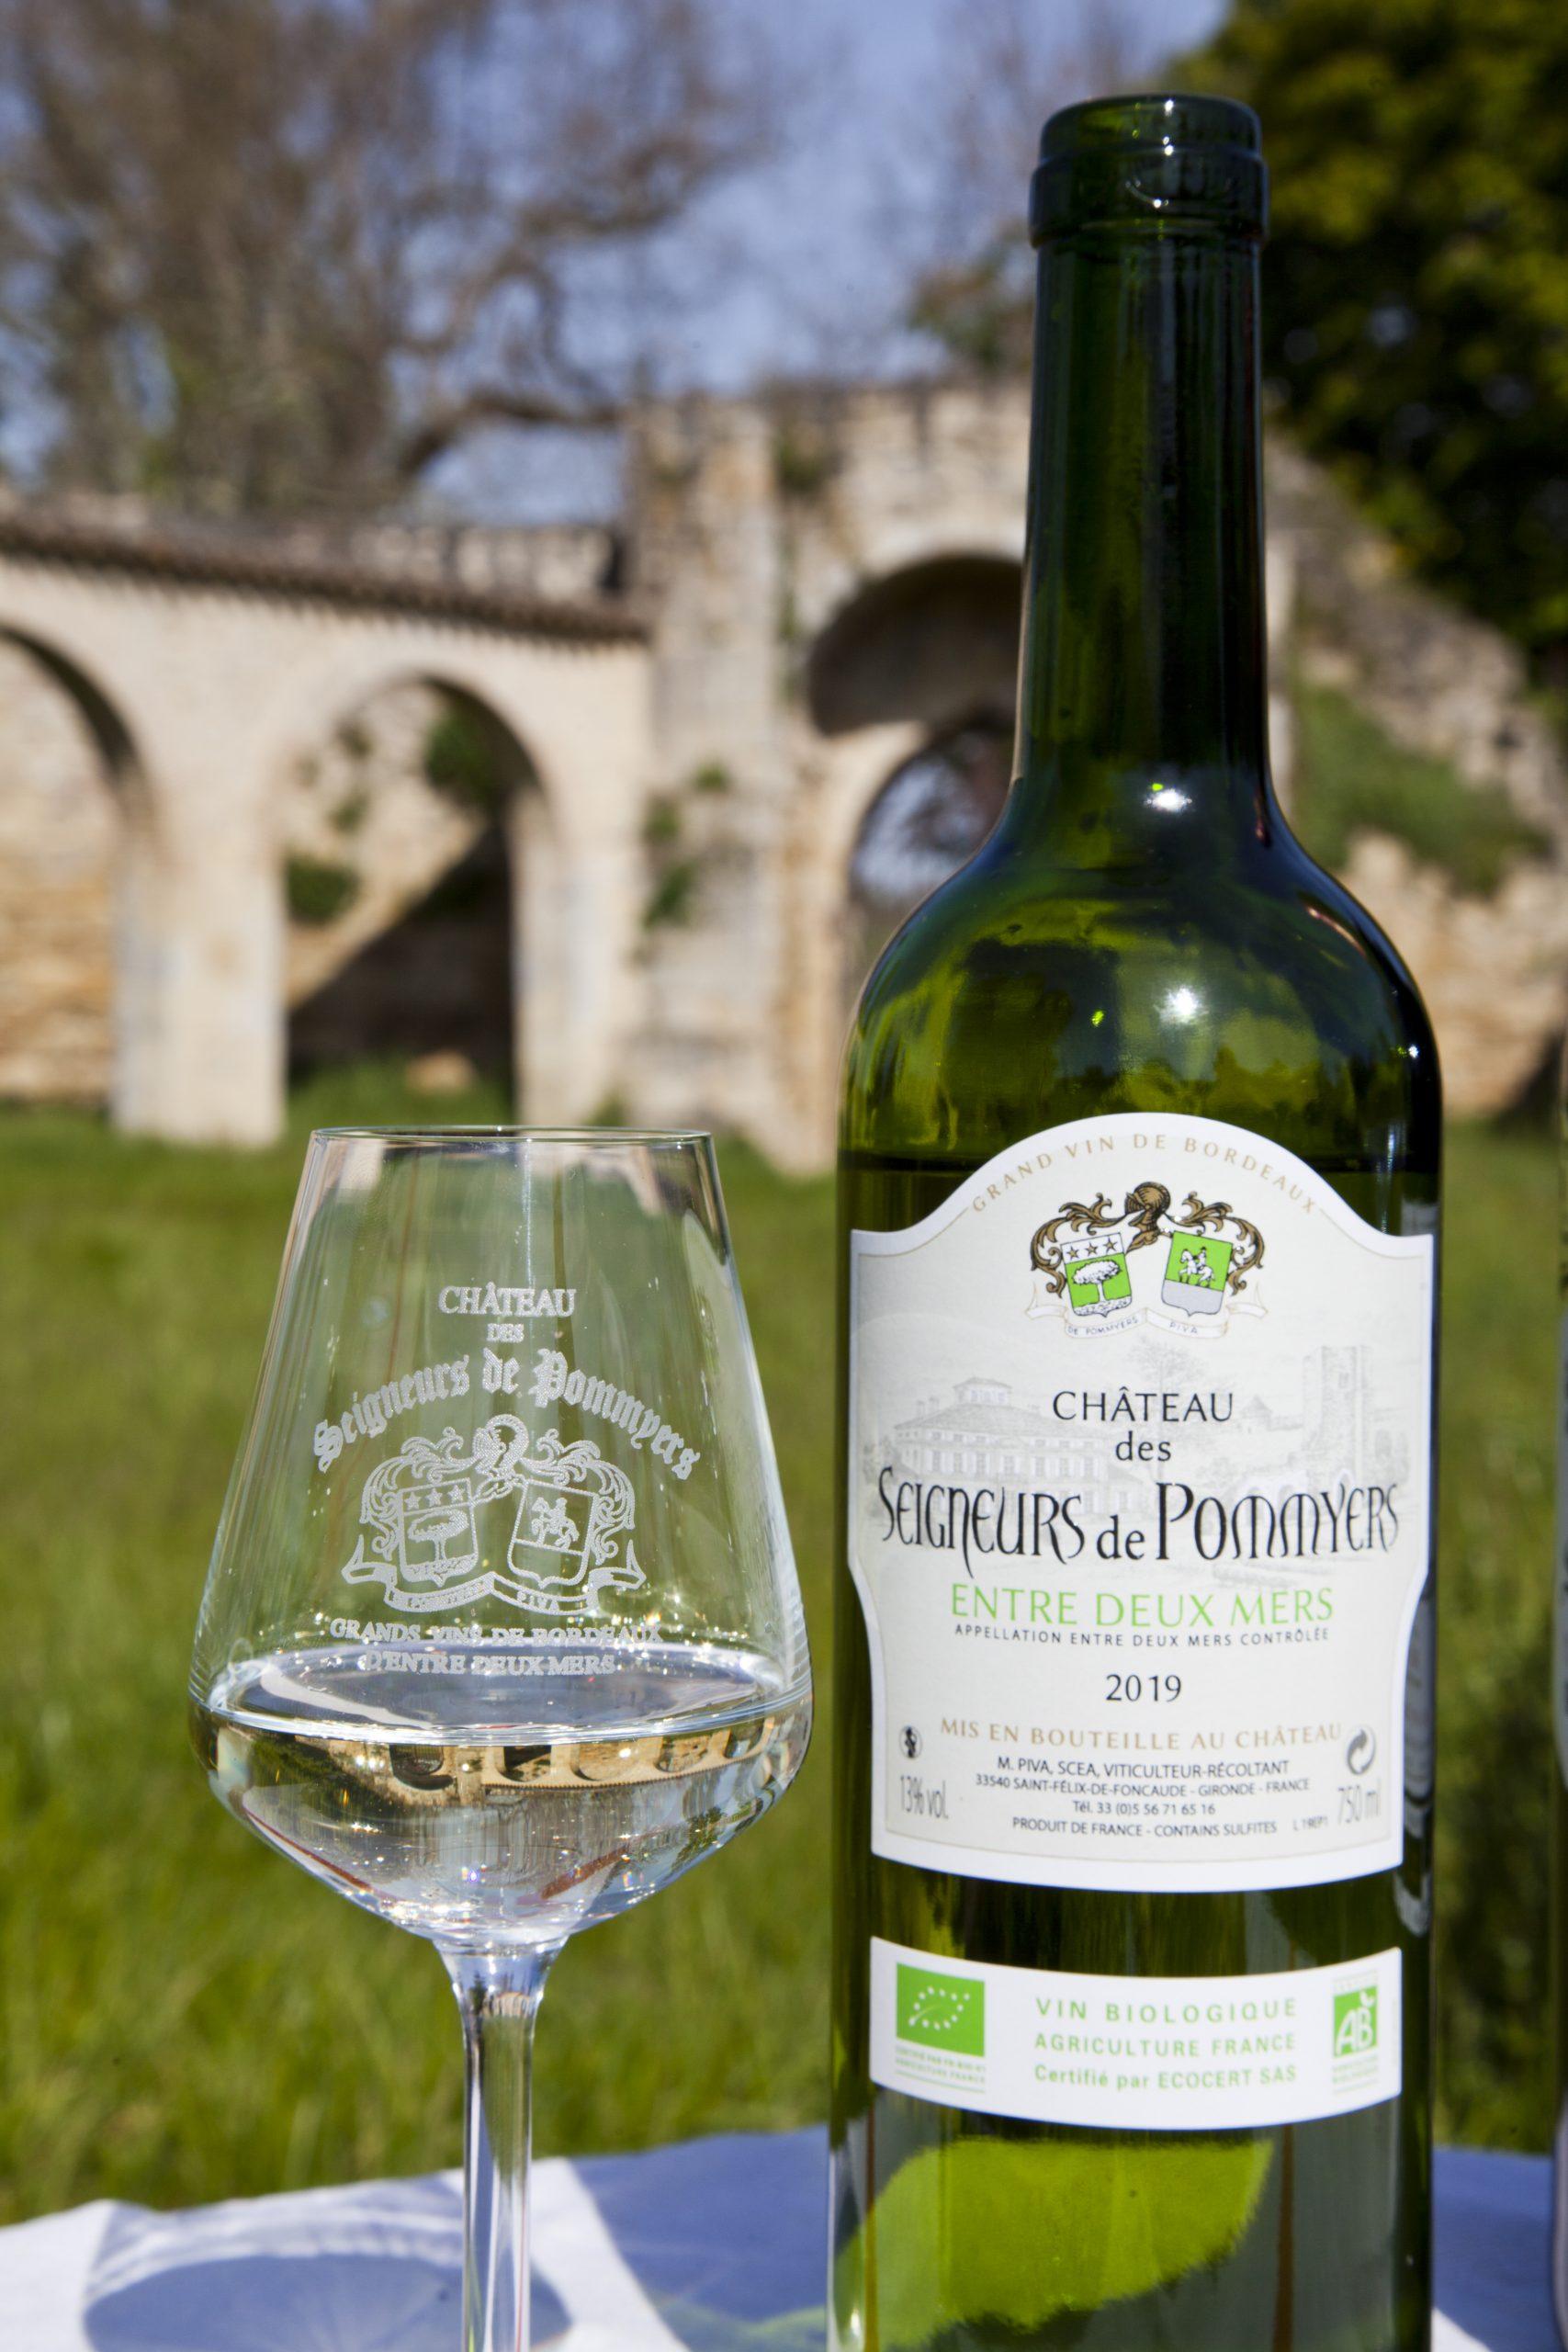 Castrum-de-Pommiers-Chateau-des-Seigneurs-de-Pommyers-IMG_8159